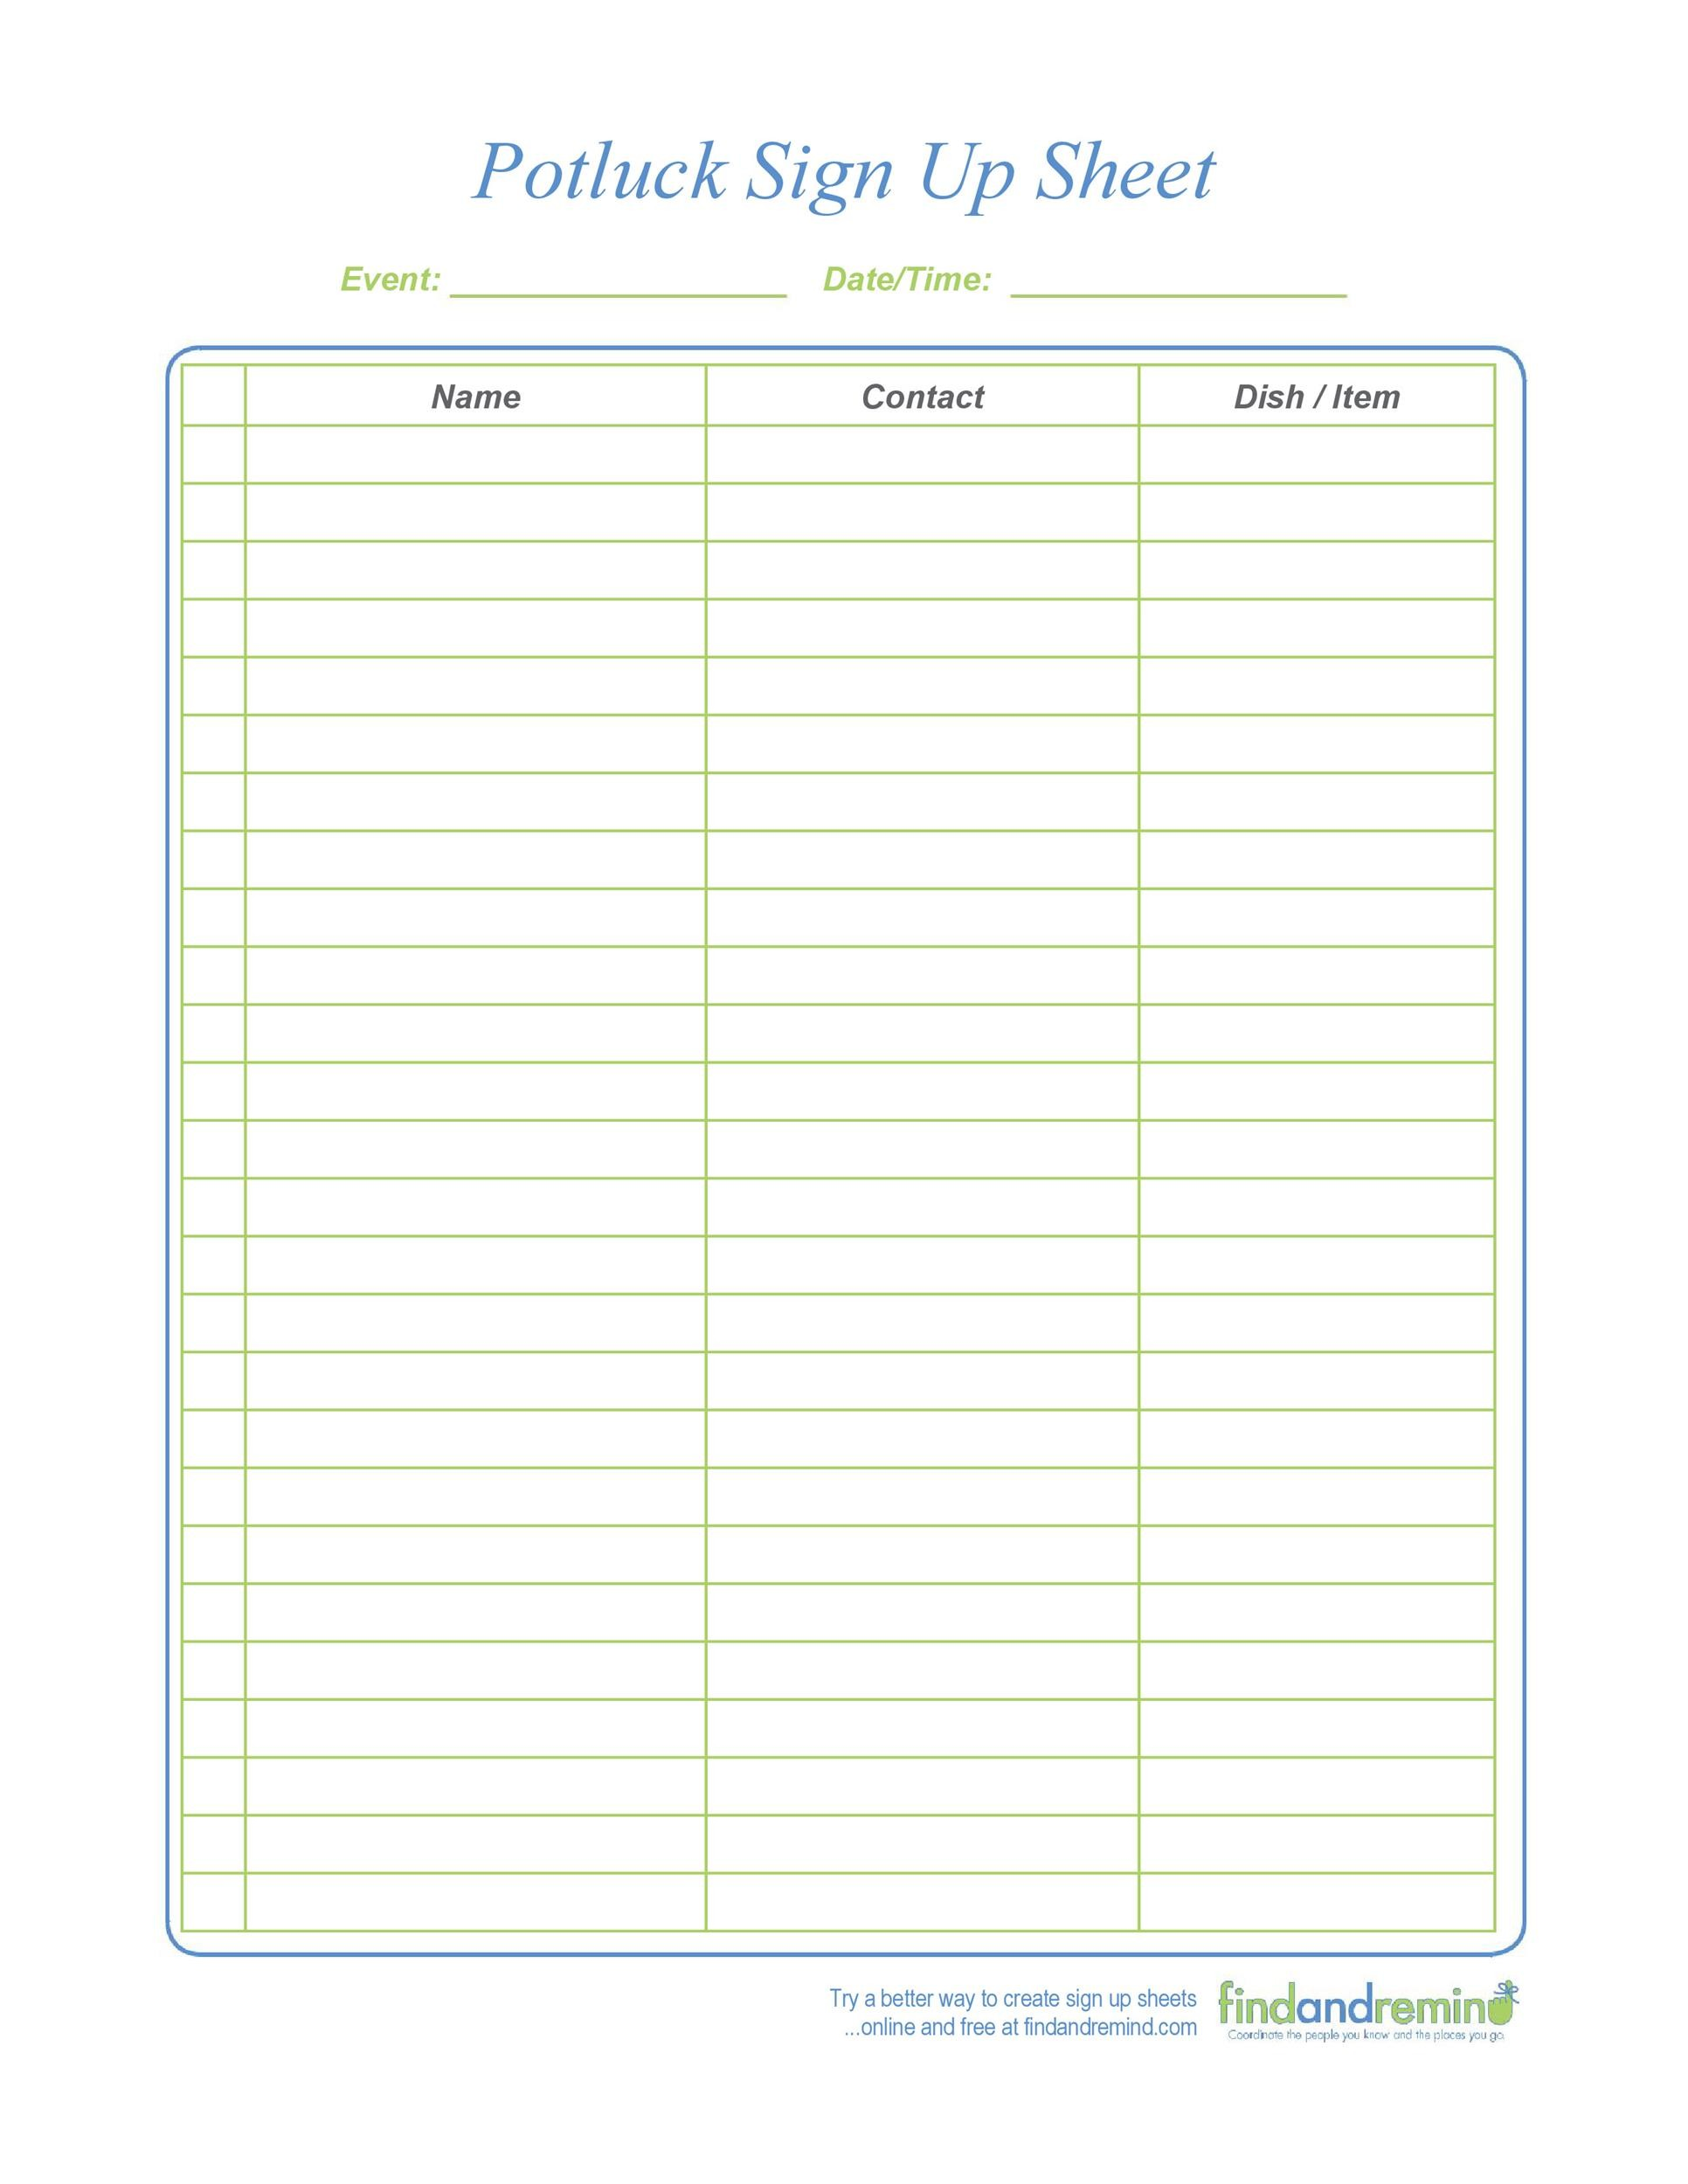 Free potluck sign up sheet 04